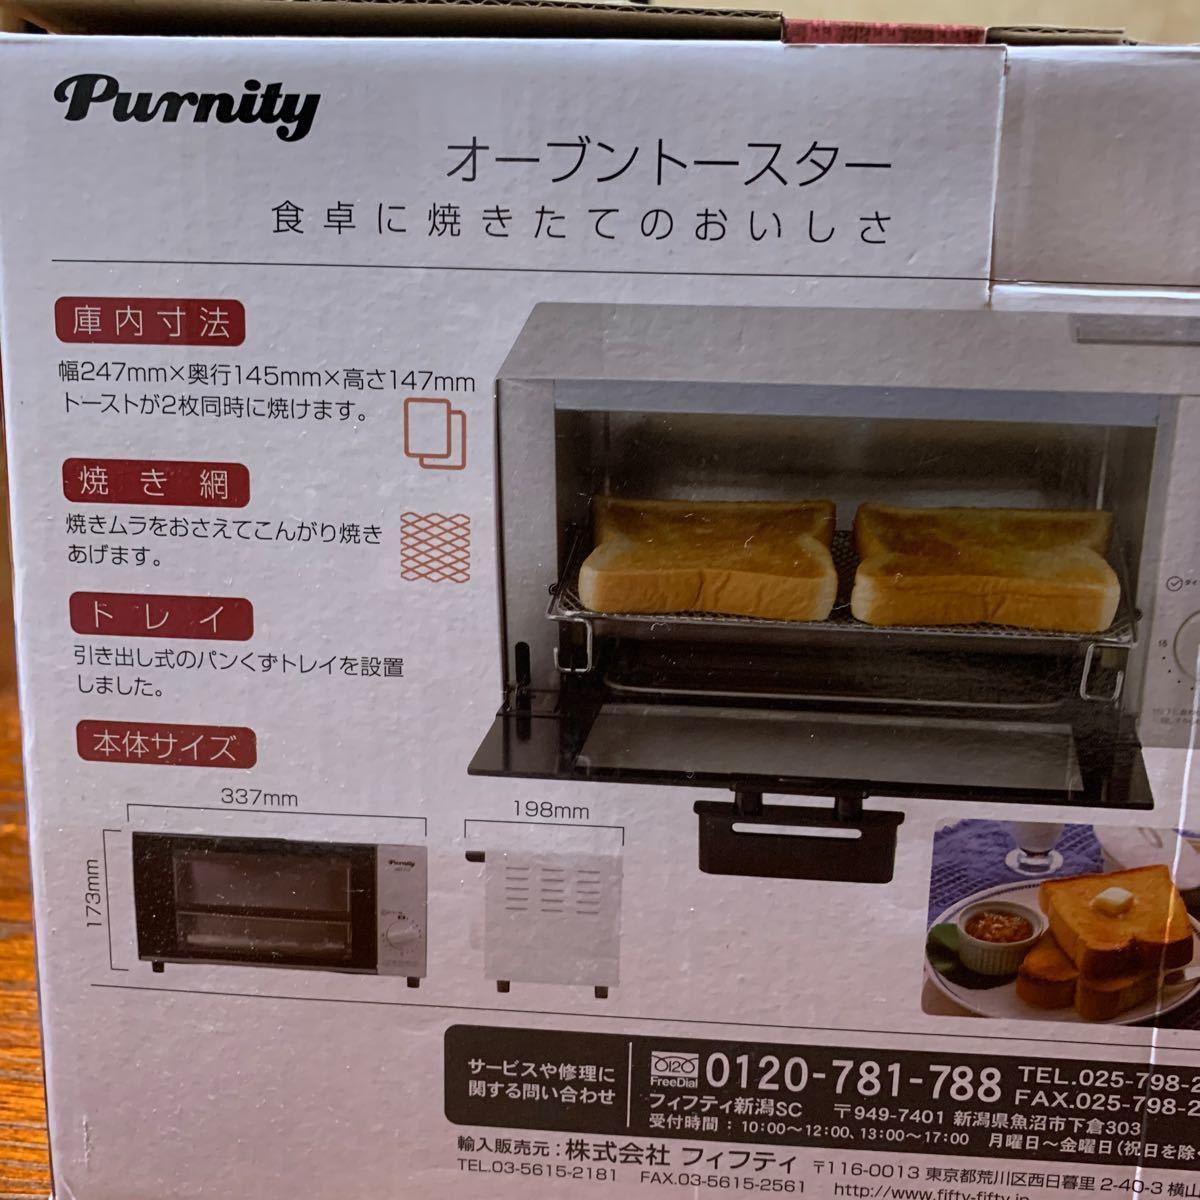 即買い歓迎!オーブントースター